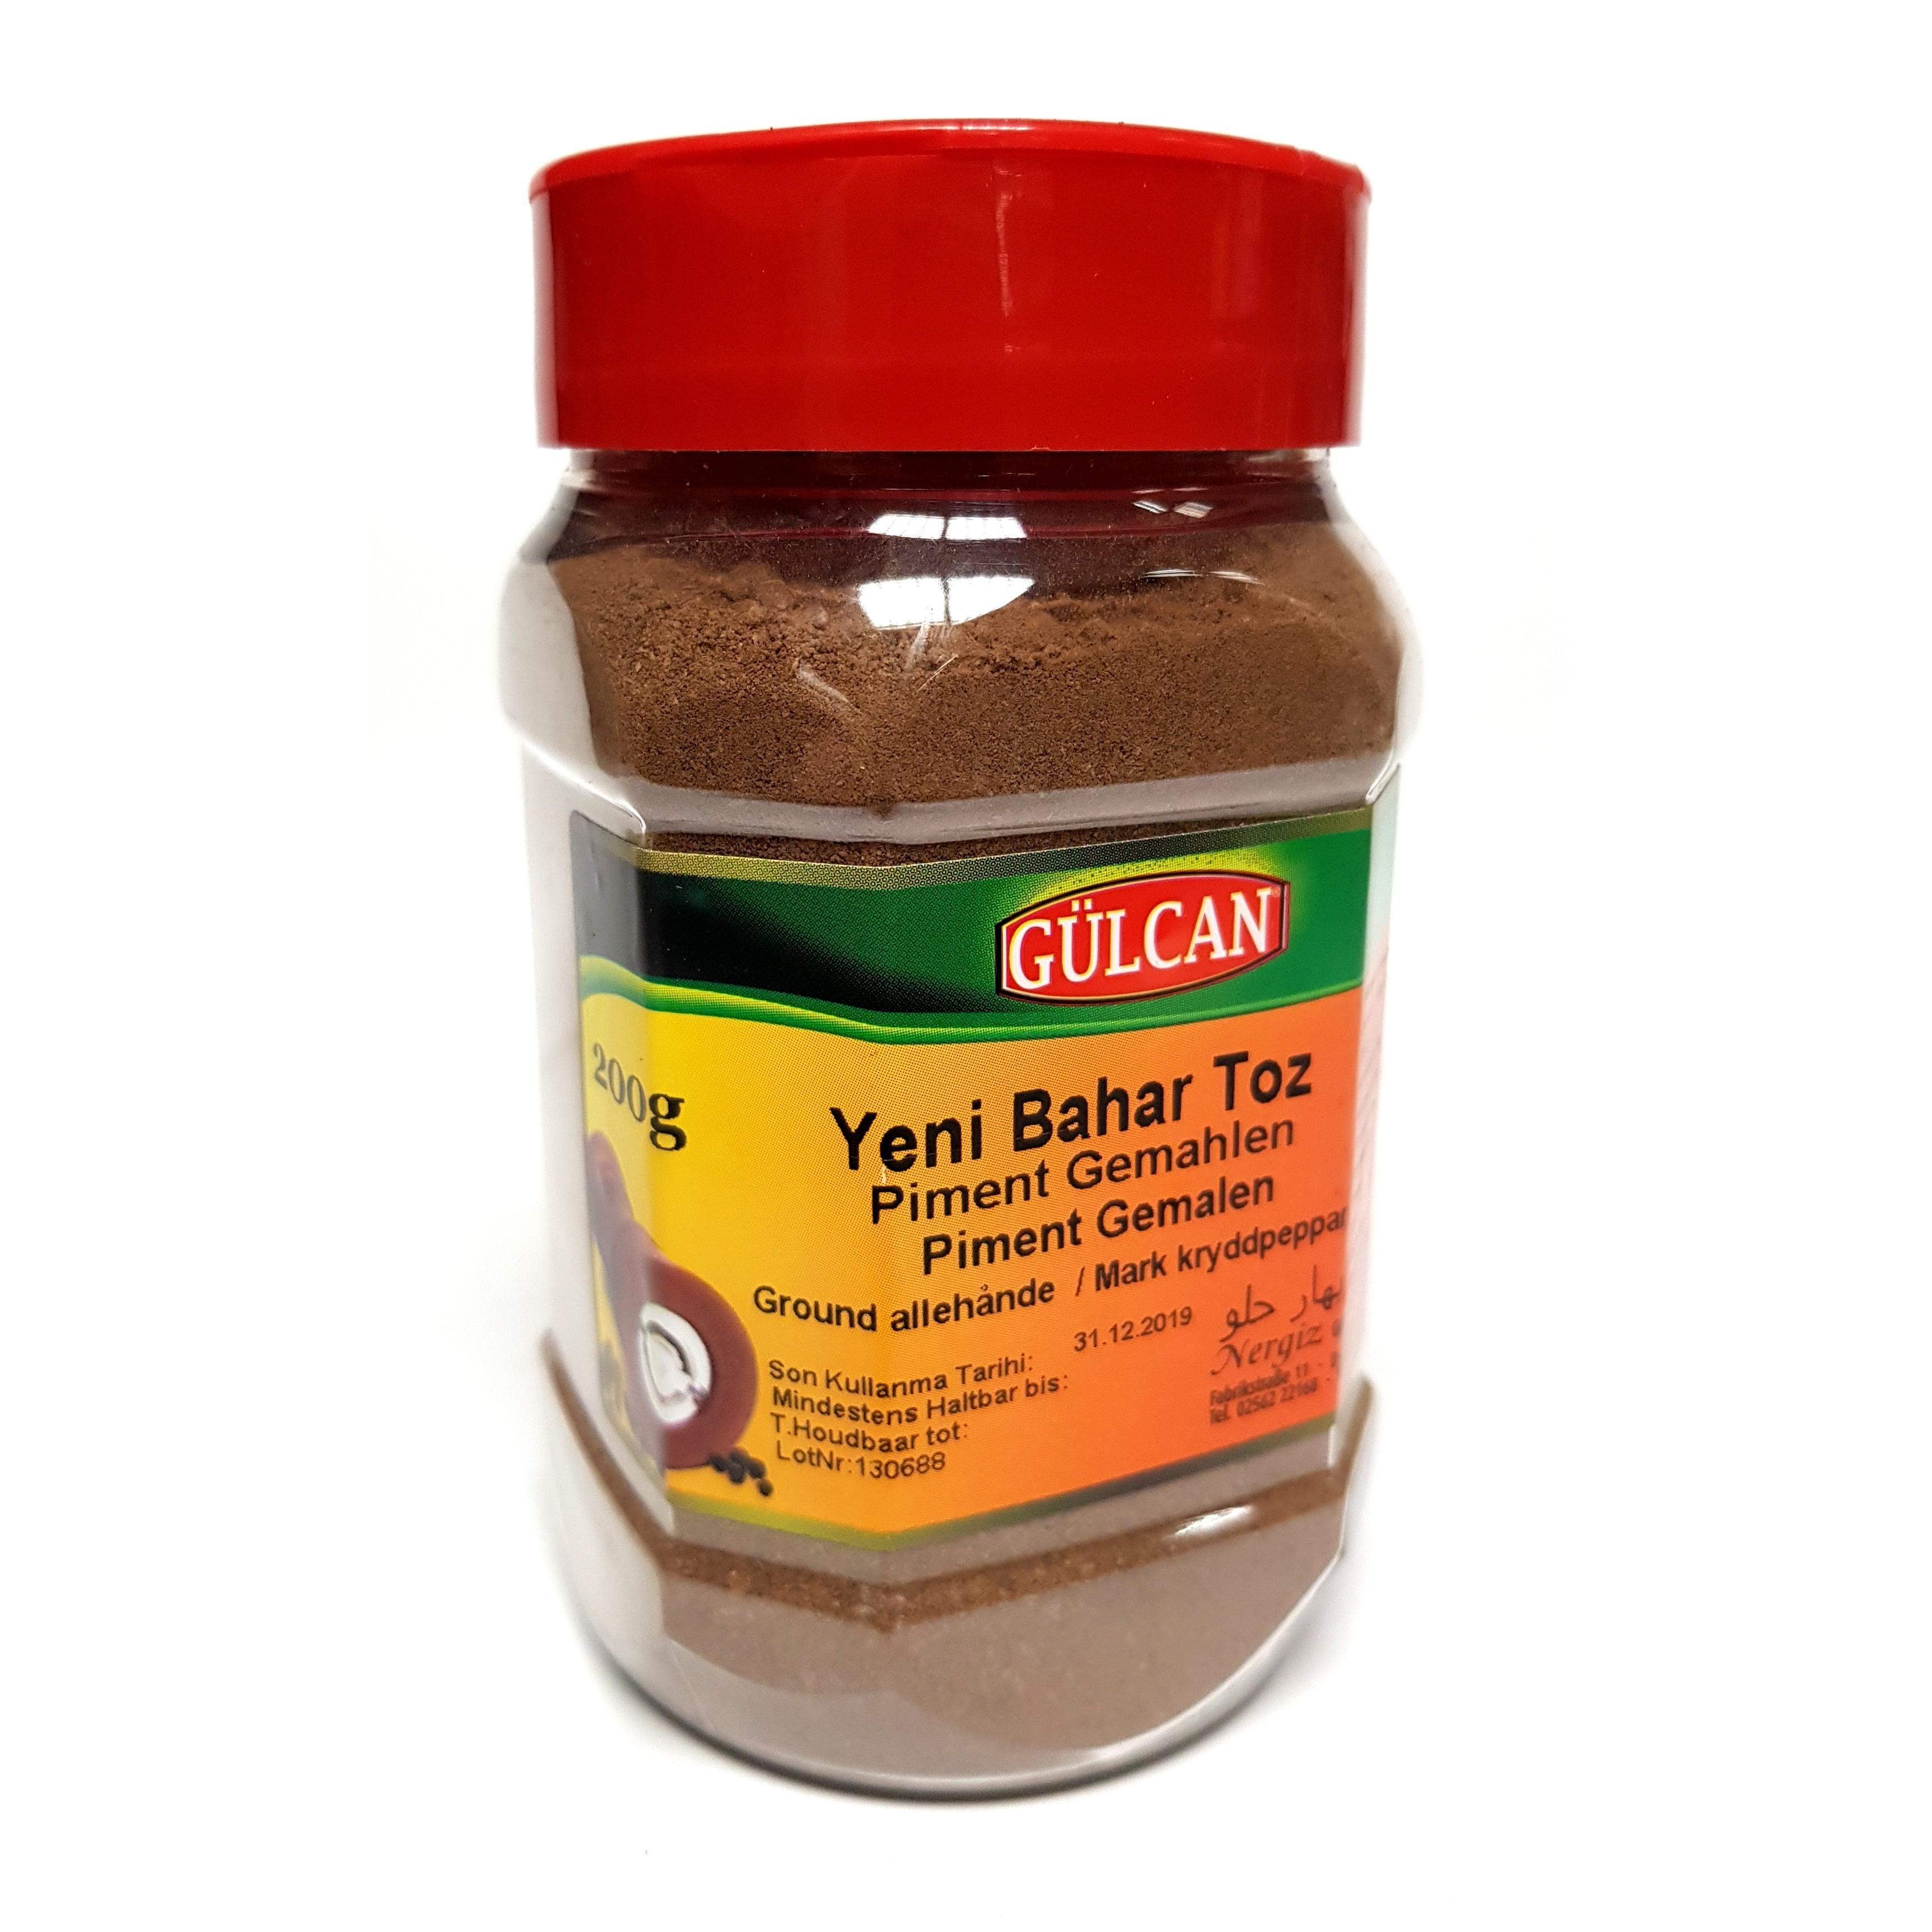 Gülcan Piment gemahlen - Nelkenpfeffer - Yeni Bahar Toz (200g)